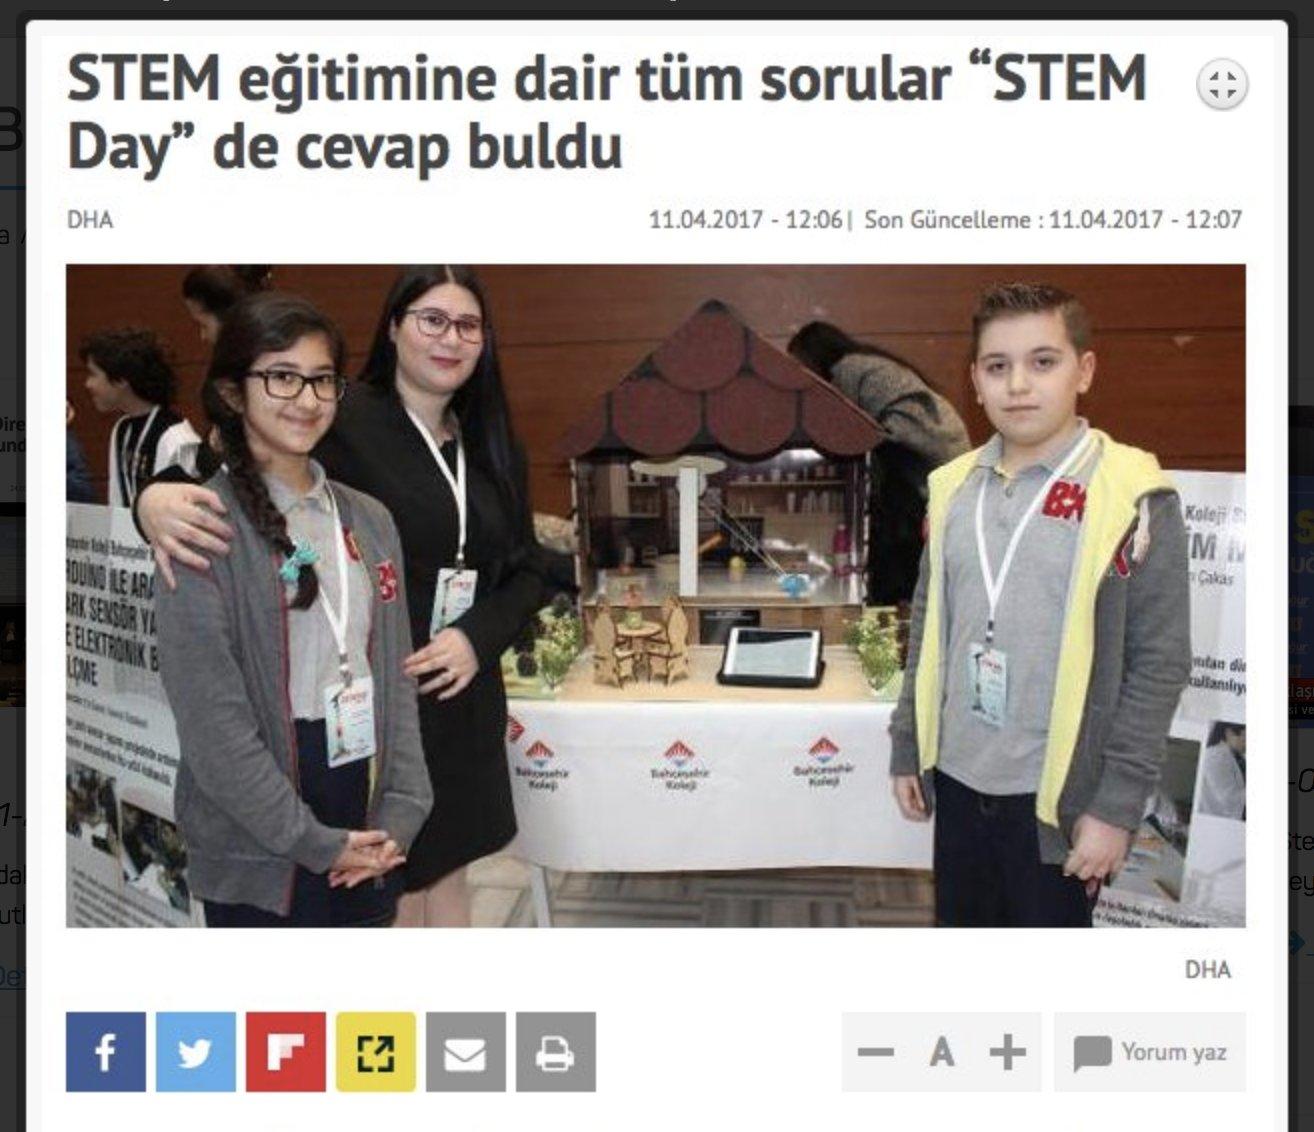 STEM eğitimine dair sorular ve STEM Day